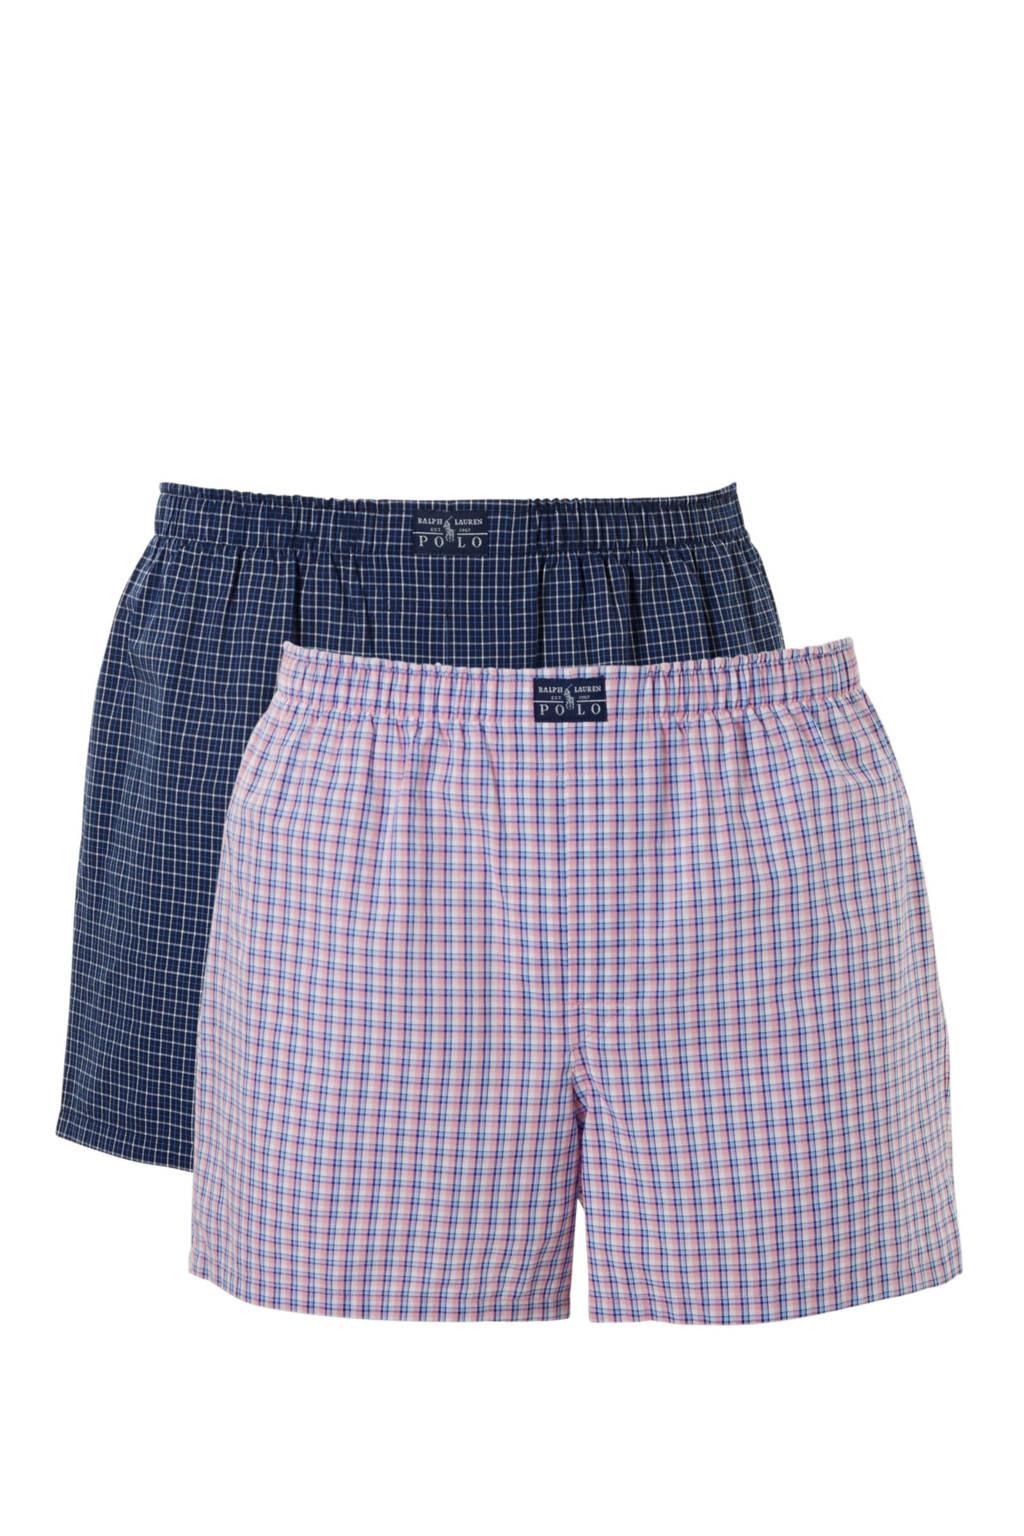 POLO Ralph Lauren boxershort (set van 3), Blauw/roze/donkerblauw